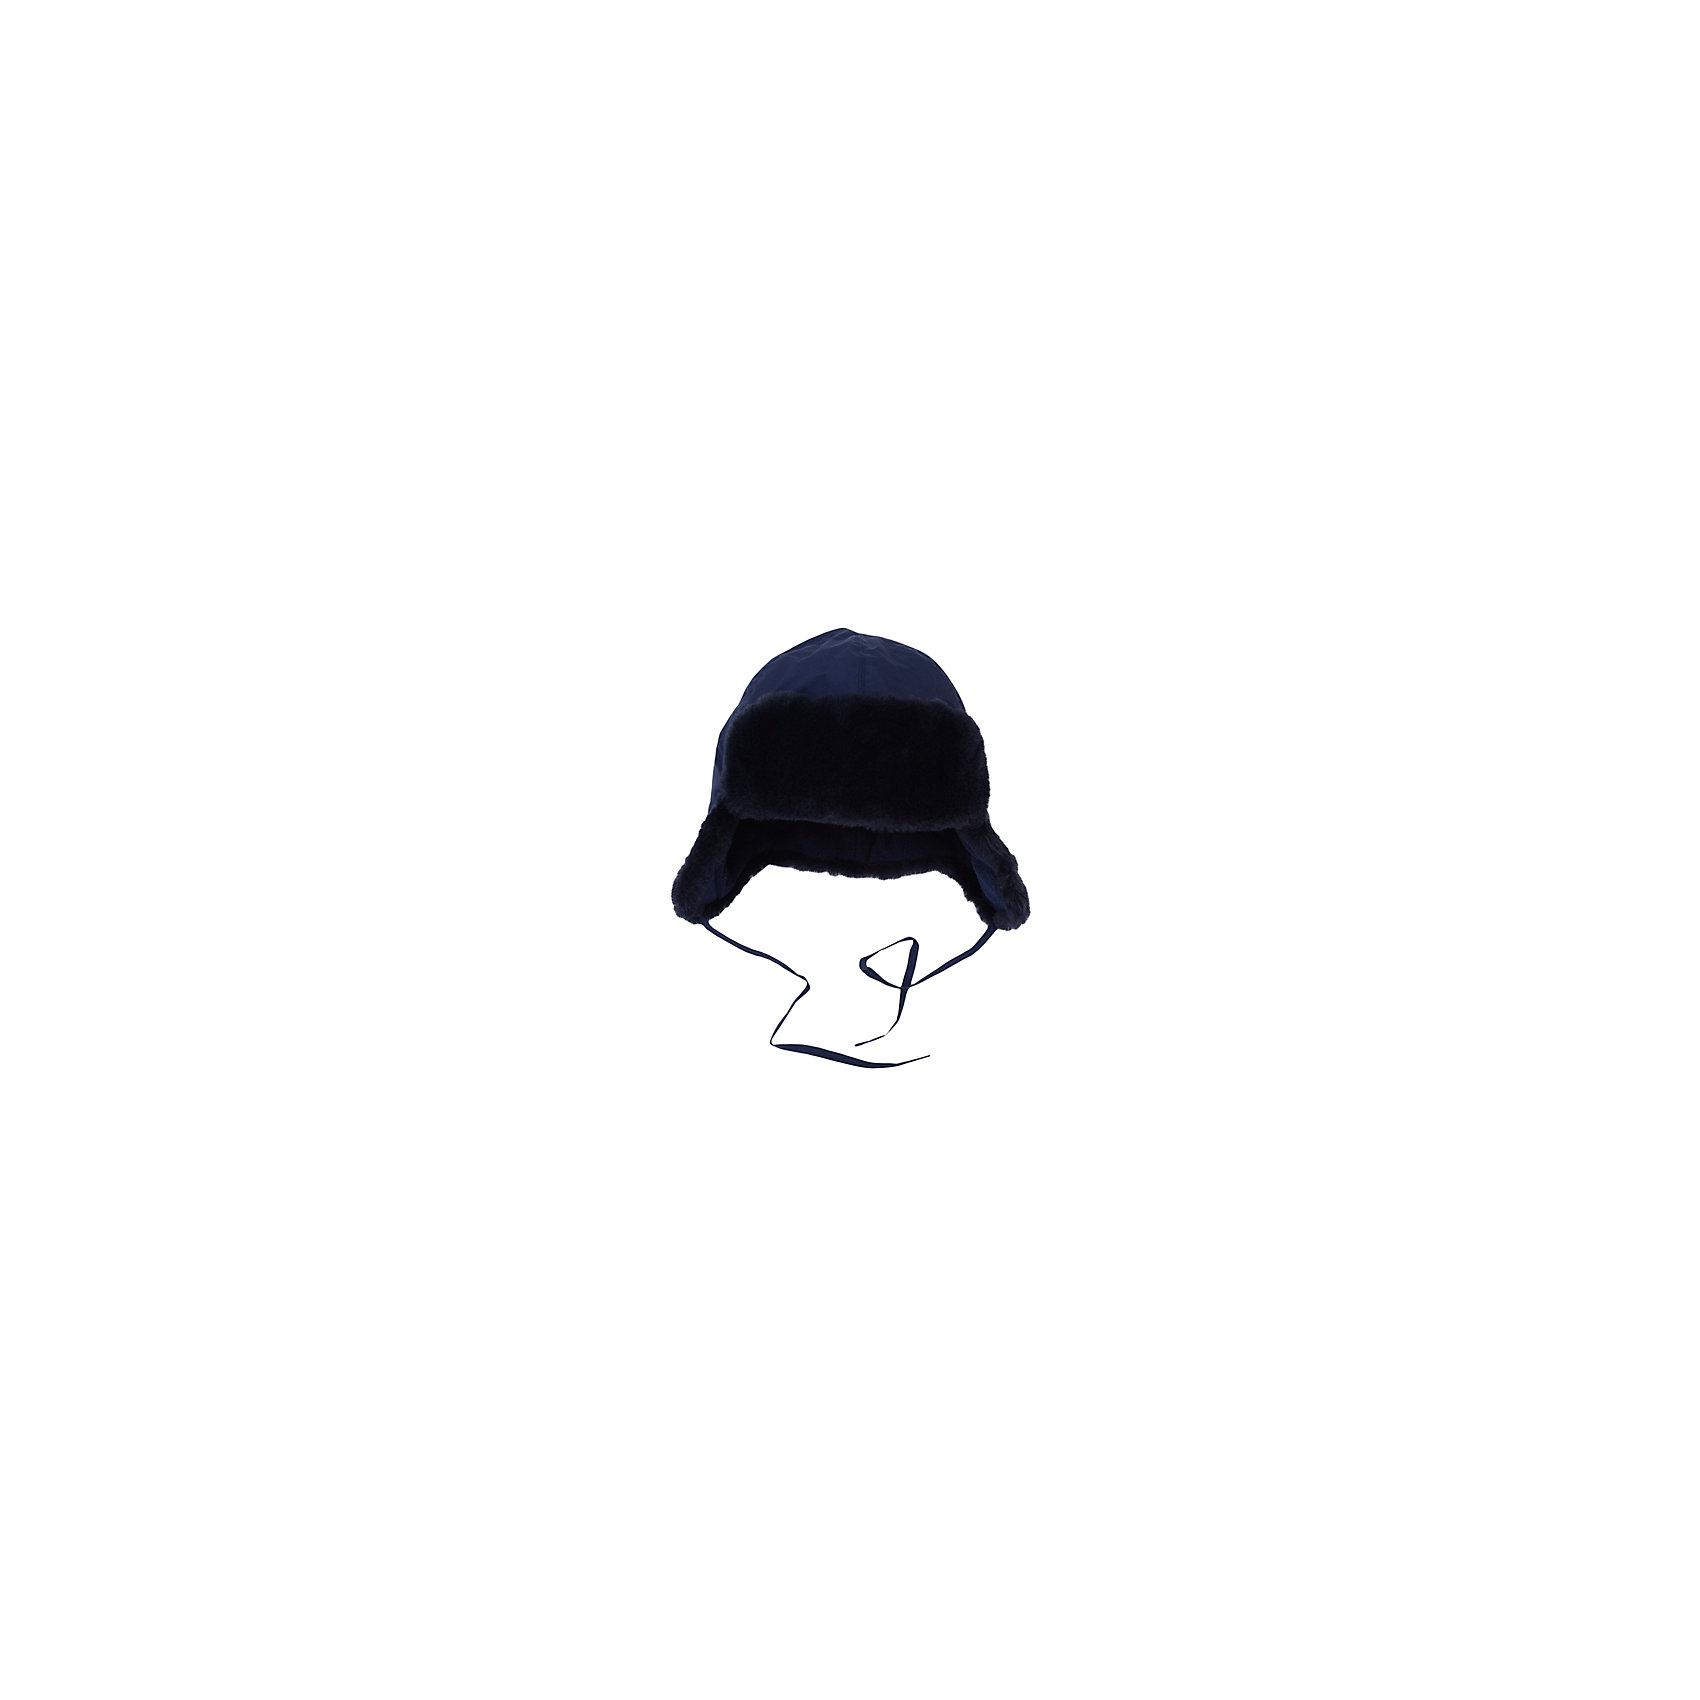 Шапка для мальчика PlayTodayШапка для мальчика от известного бренда PlayToday.<br>Теплая шапка из непромокаемой плащевки. Отделка из искусственного меха в тон. Внутри уютная флисовая подкладка. Удлиненные боковые части и удобные завязки.<br>Состав:<br>Верх: 100% полиэстер, Подкладка: 100% полиэстер, Утеплитель: 100% полиэстер<br><br>Ширина мм: 89<br>Глубина мм: 117<br>Высота мм: 44<br>Вес г: 155<br>Цвет: синий<br>Возраст от месяцев: 24<br>Возраст до месяцев: 36<br>Пол: Мужской<br>Возраст: Детский<br>Размер: 50,52,54<br>SKU: 4897920